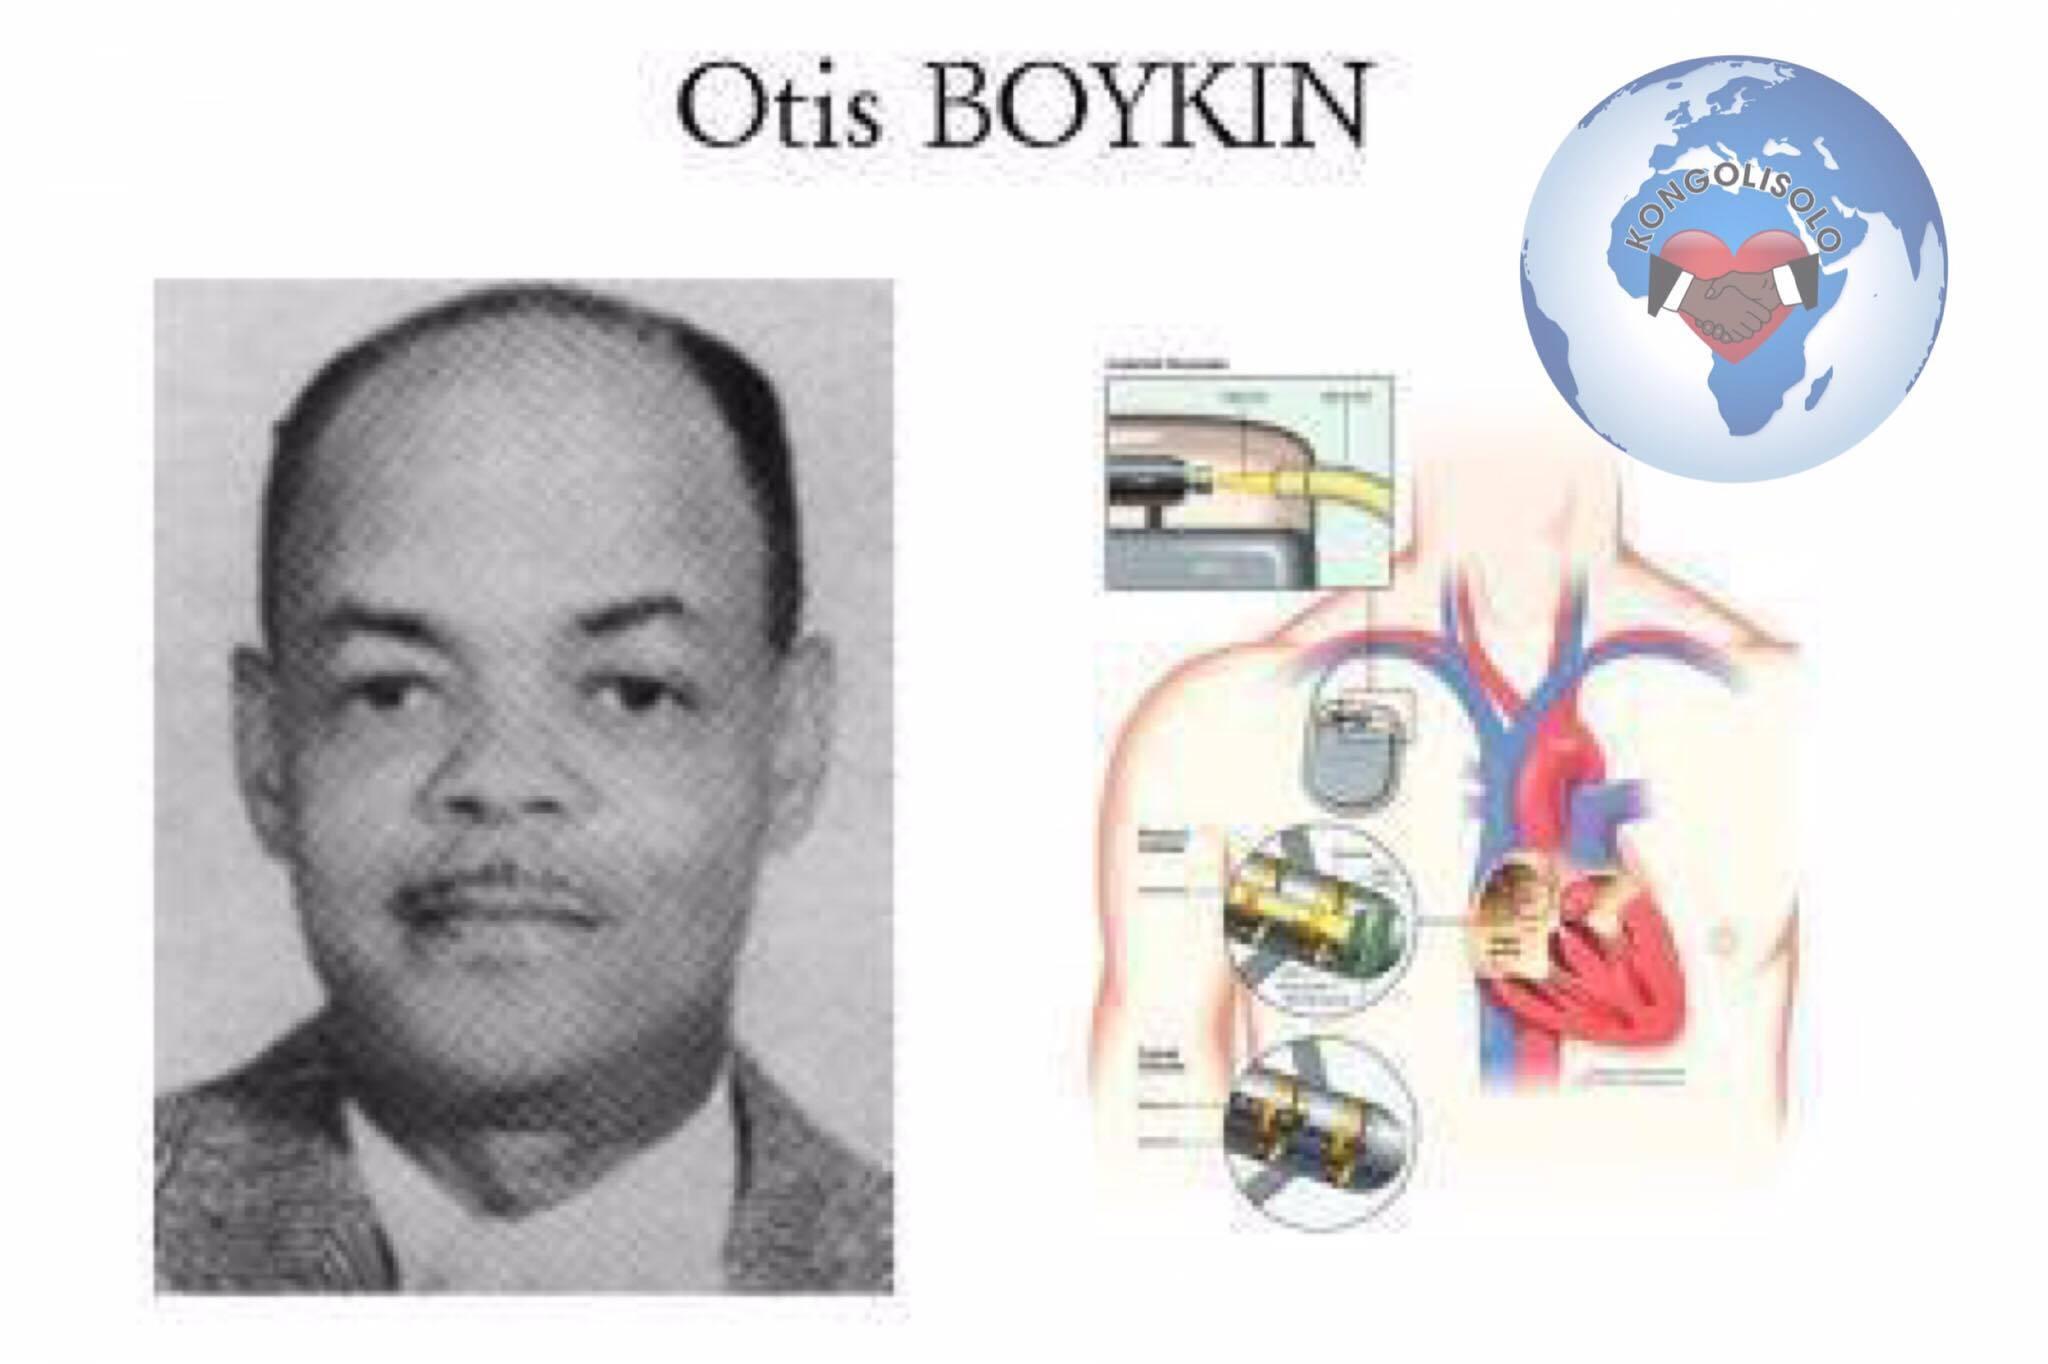 OTIS BOYKIN. 1920 - 1982